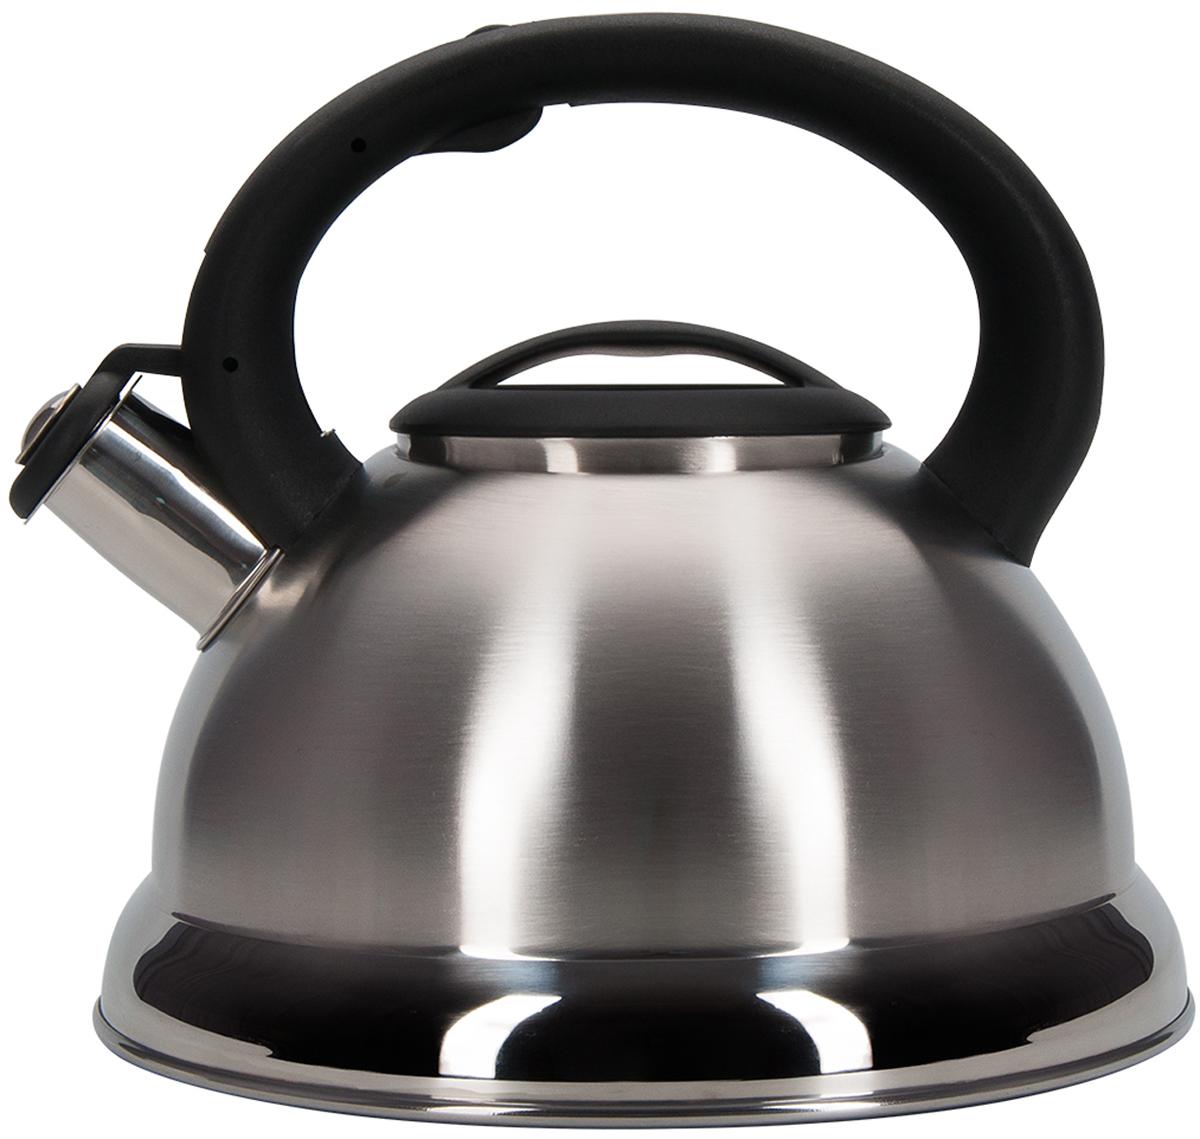 Фото - Чайник Regent Inox Tea, со свистком, цвет: серебристый, черный, 2,5 л. 93-TEA-27 чайник 3 л со свистком regent tea 93 tea 31